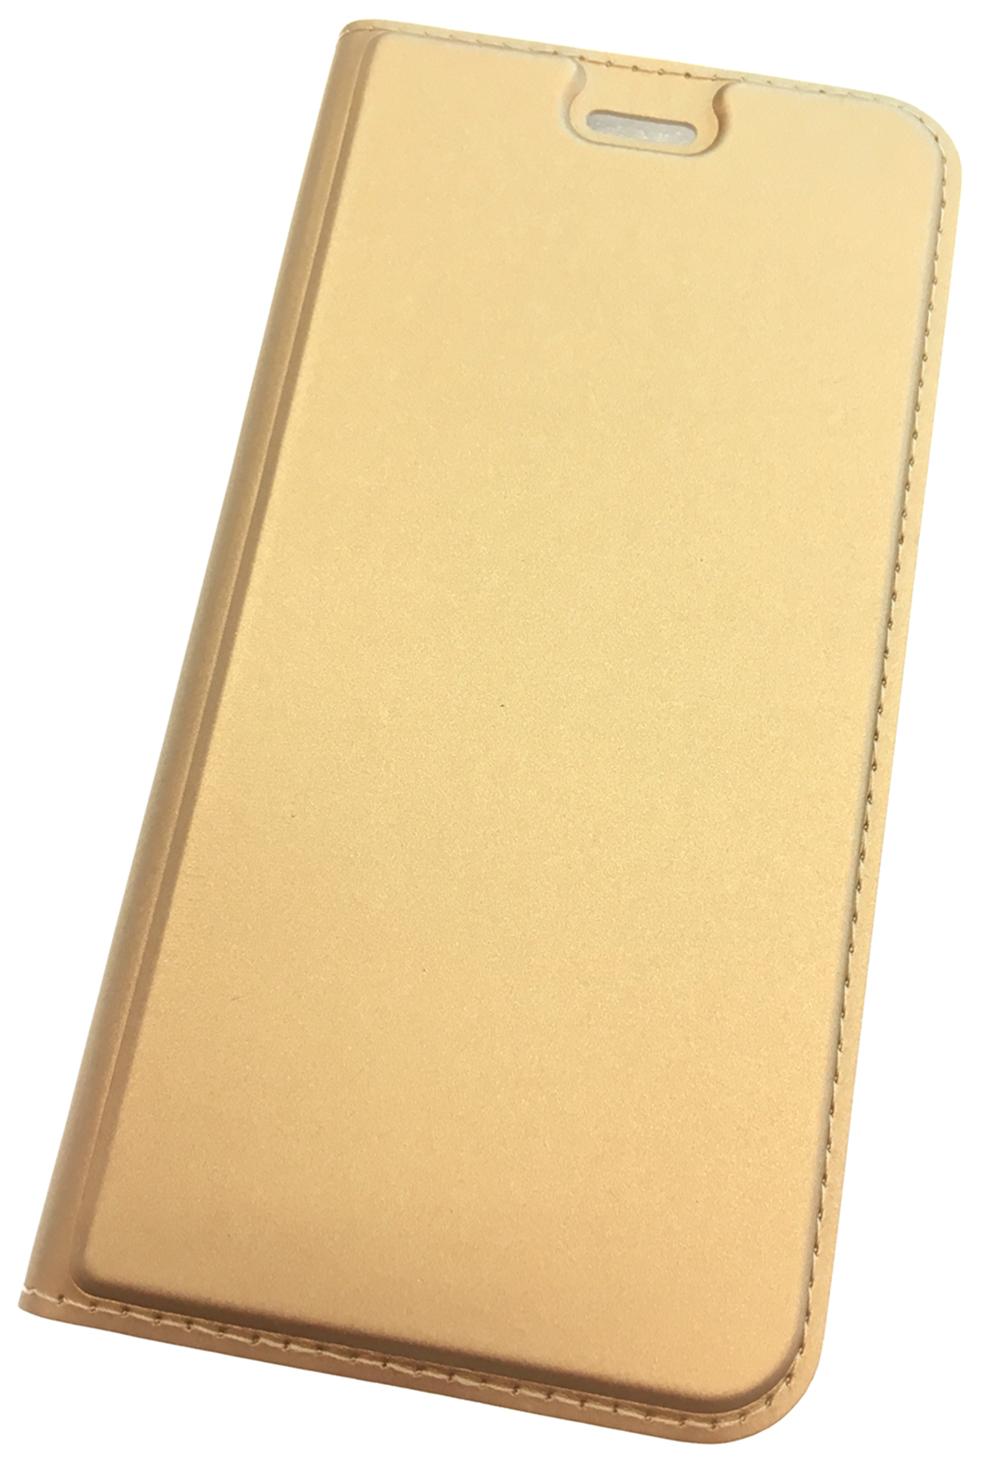 Чехол для сотового телефона Мобильная Мода Honor 6A Чехол-книжка с магнитной крышкой и подставкой, золотой